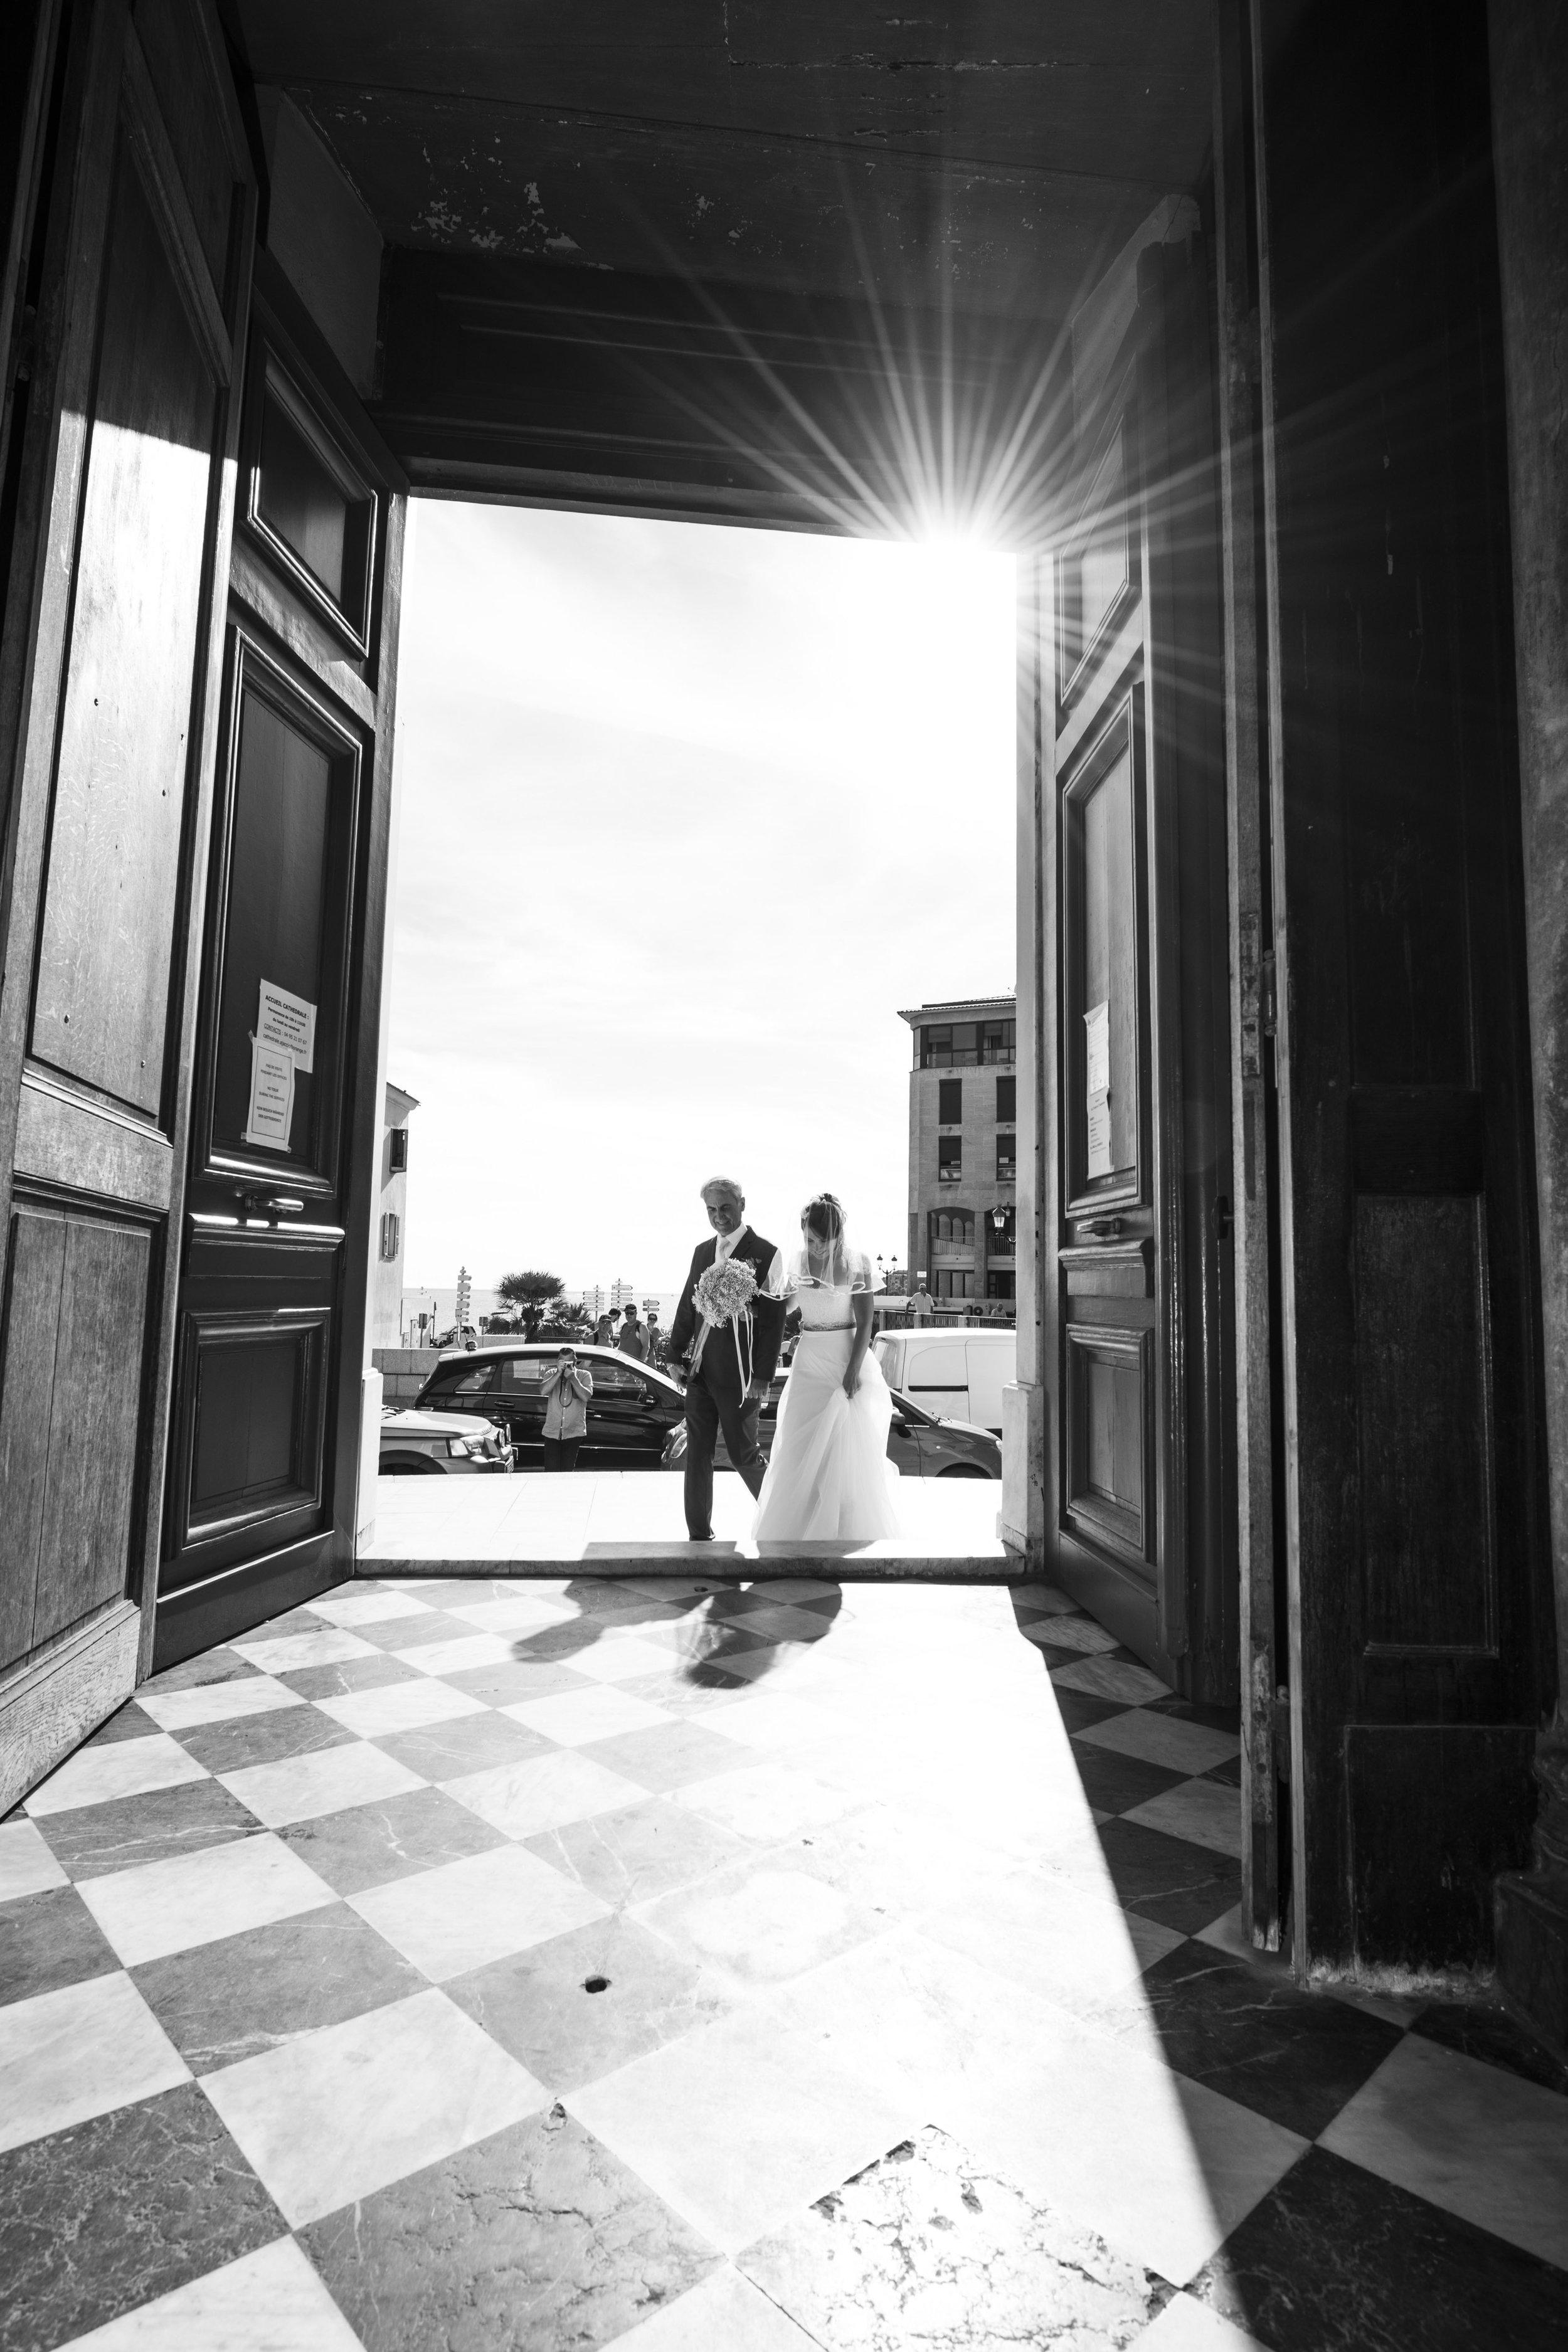 wedding-venue-ajaccio-cathedral_005.jpg